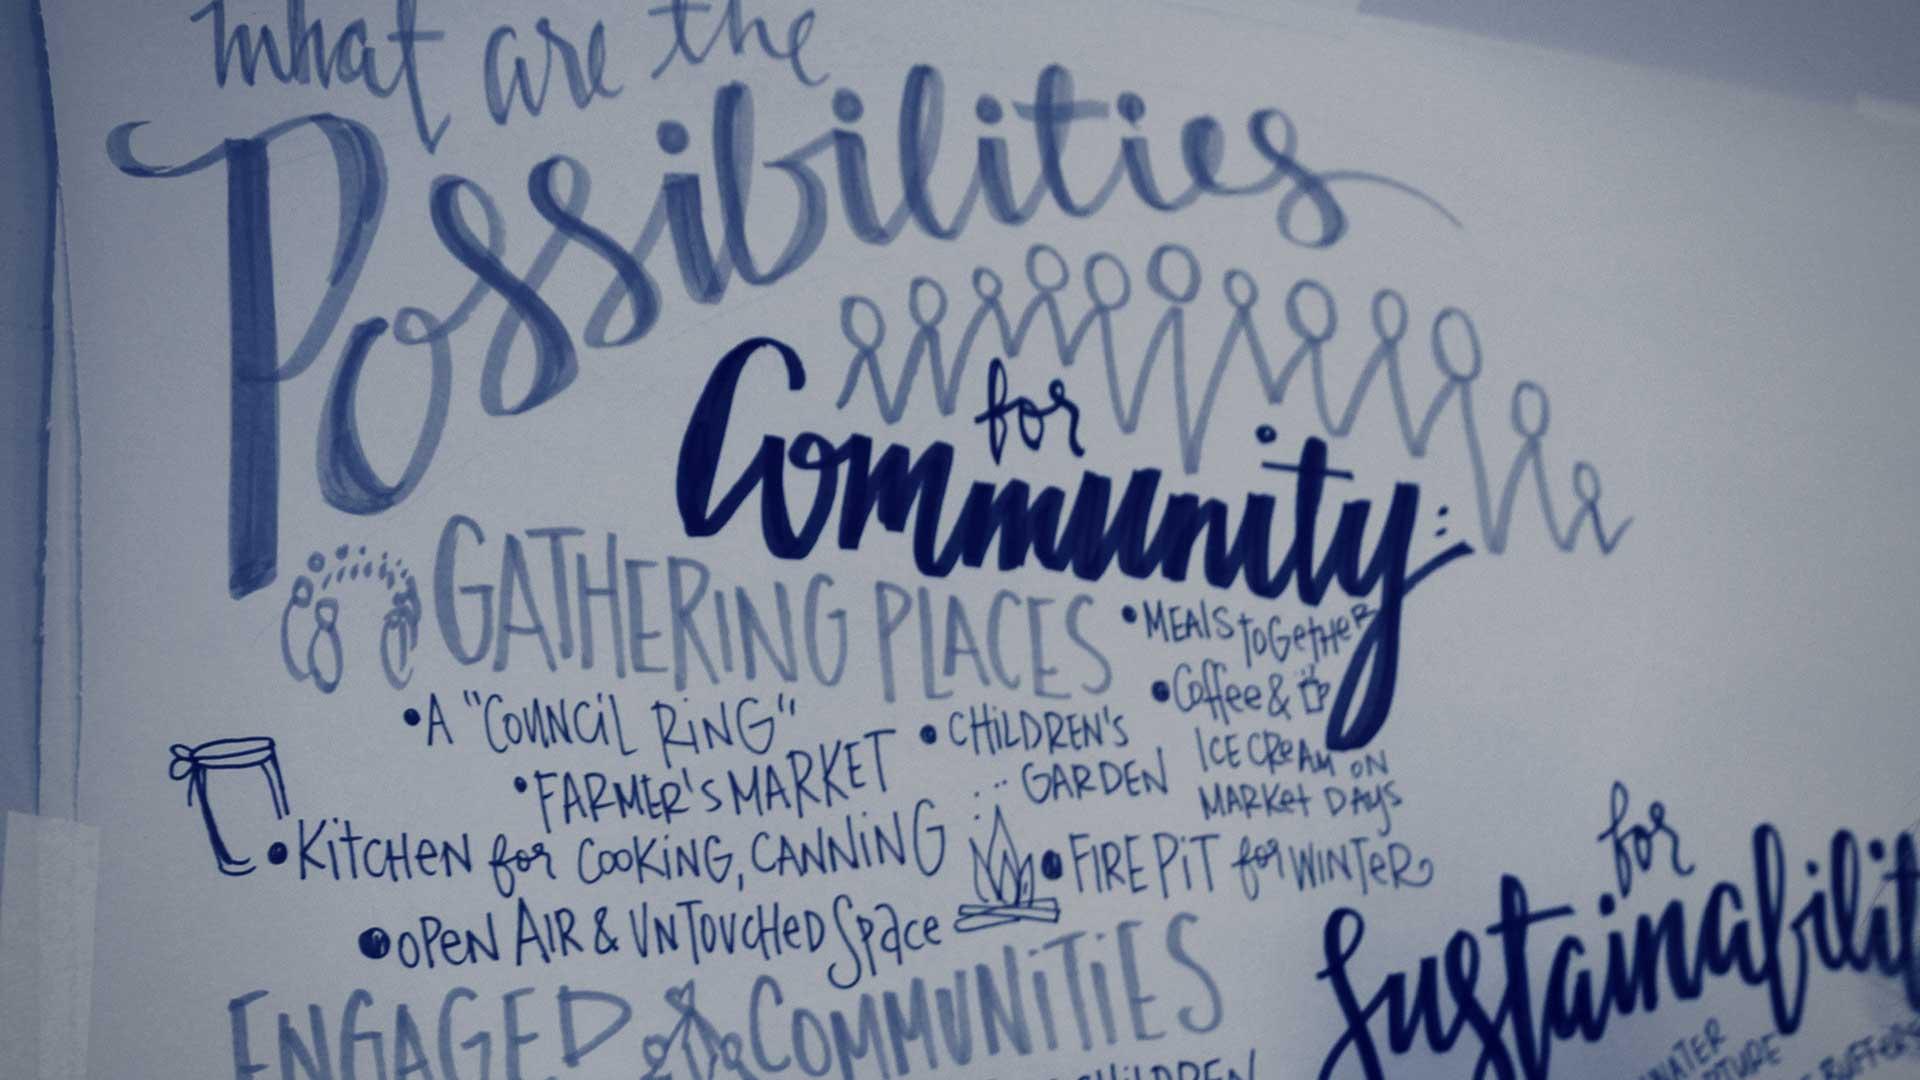 Bowen Island Community Foundation